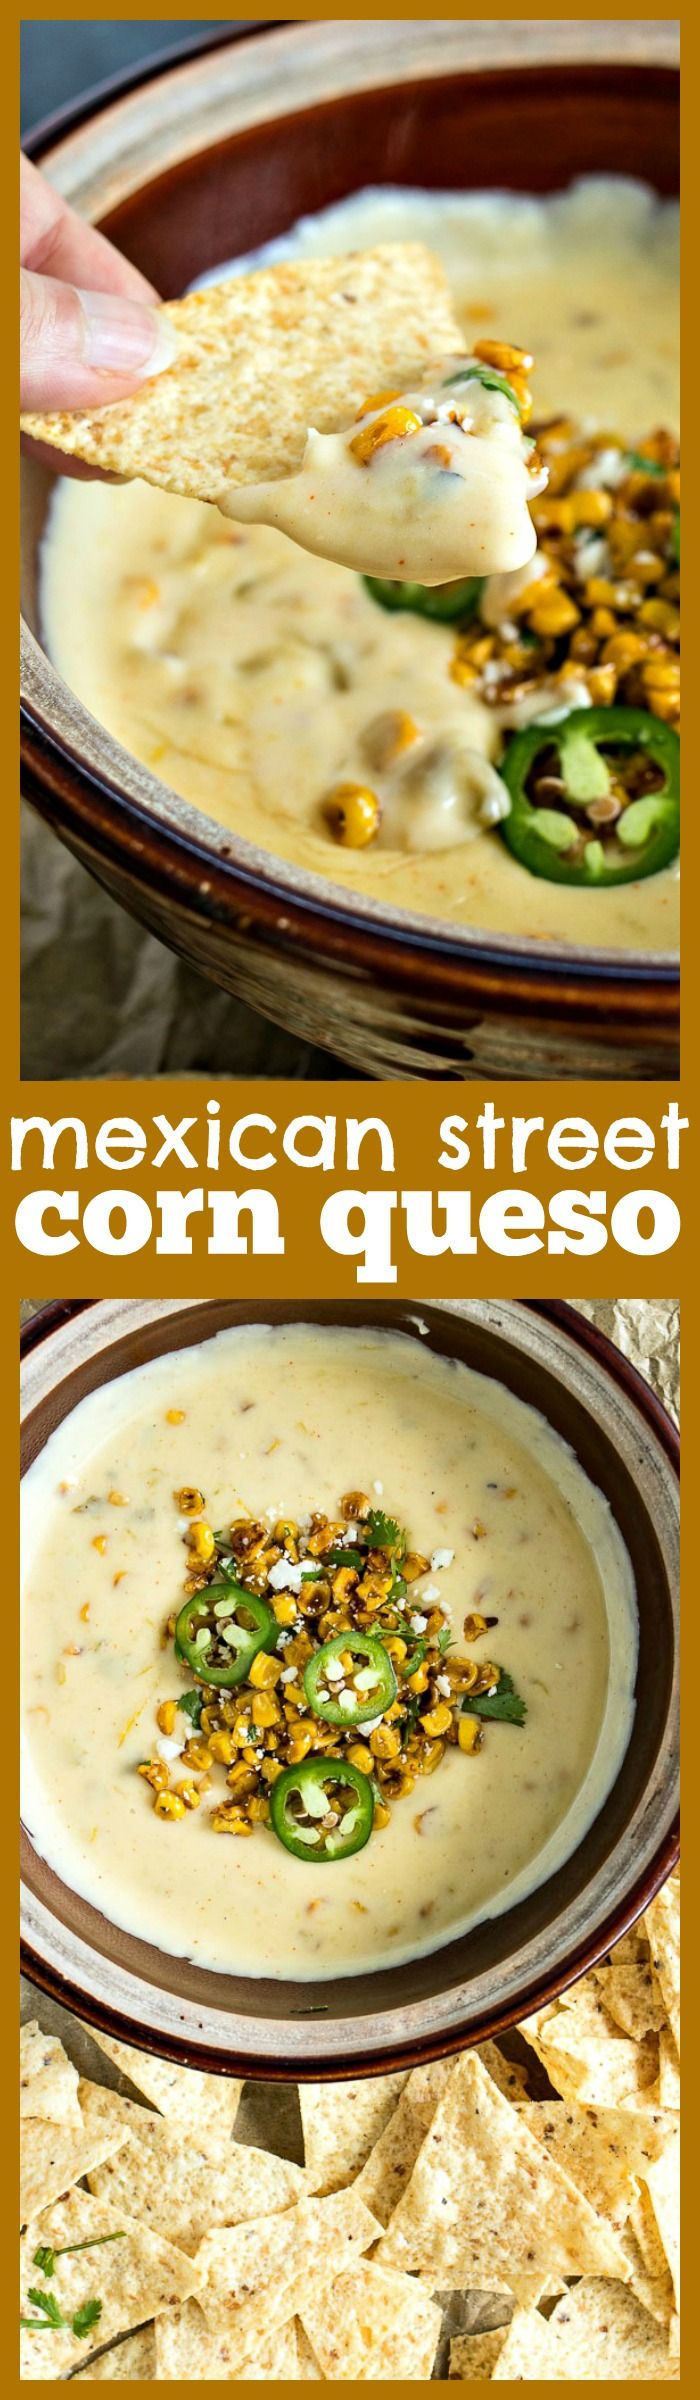 Mexican Street Corn Queso - CPA: Certified Pastry Aficionado